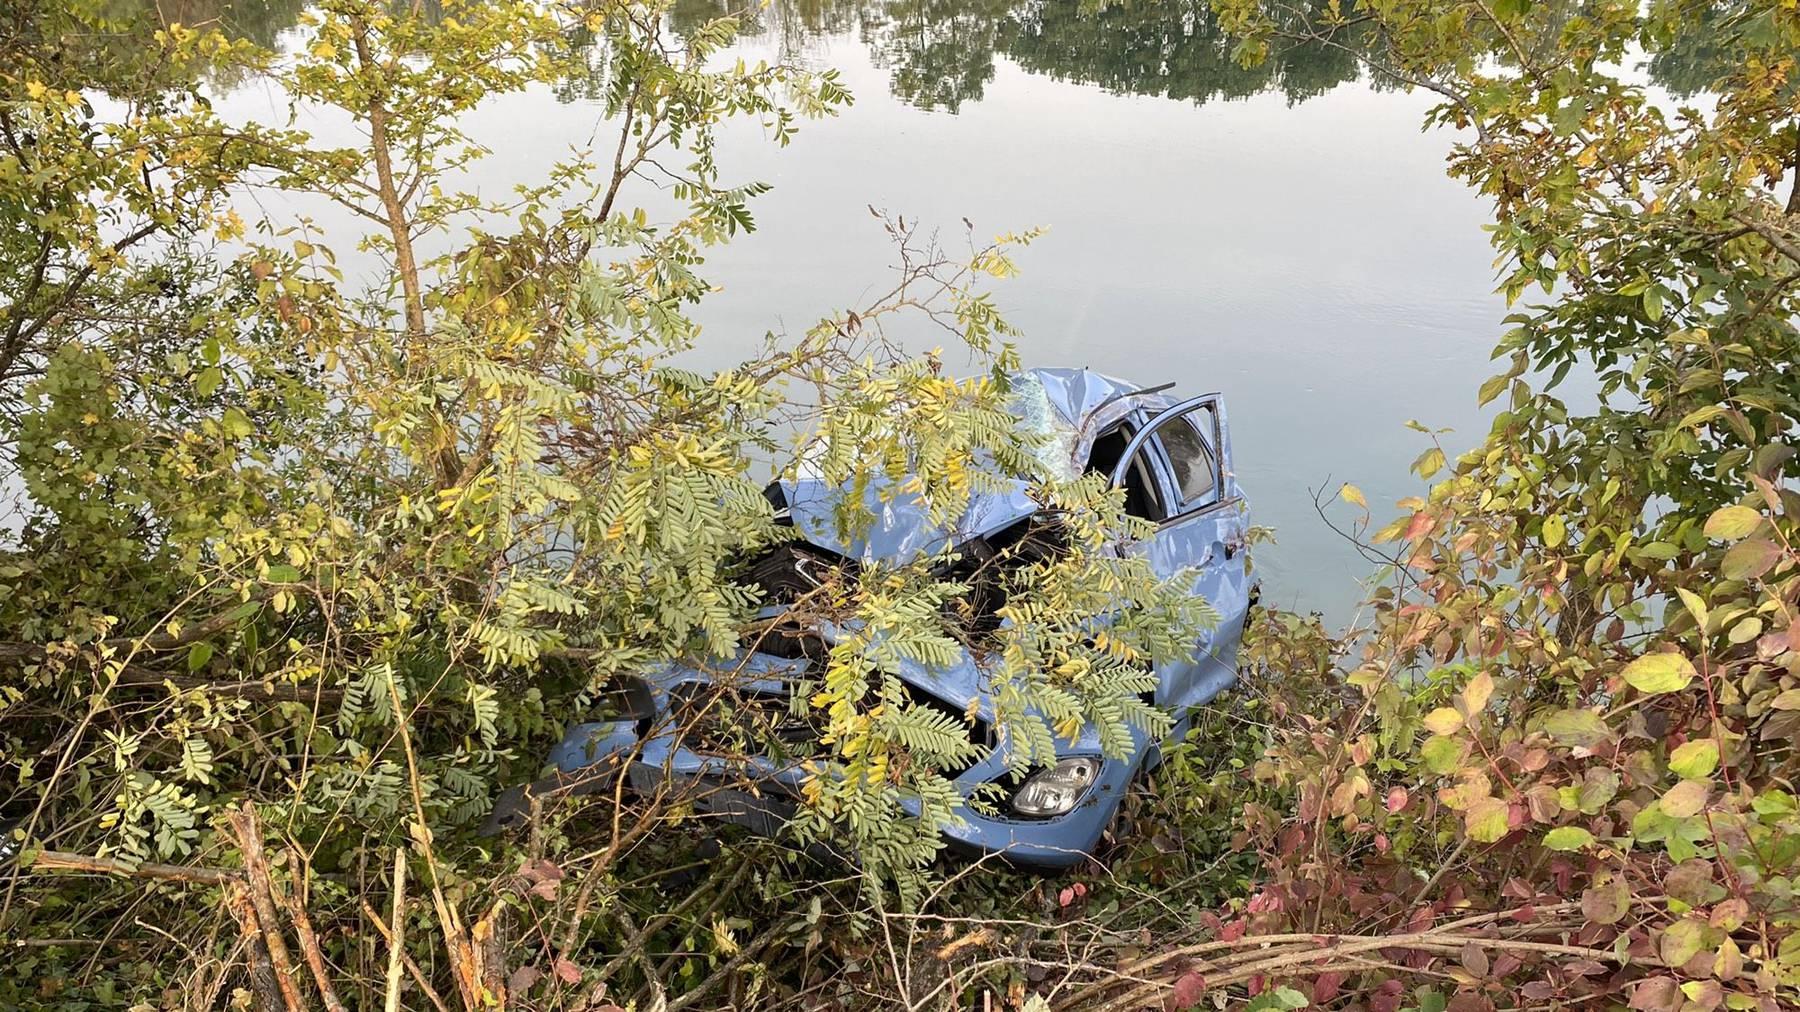 Die Fahrerin konnte leicht verletzt geborgen werden.